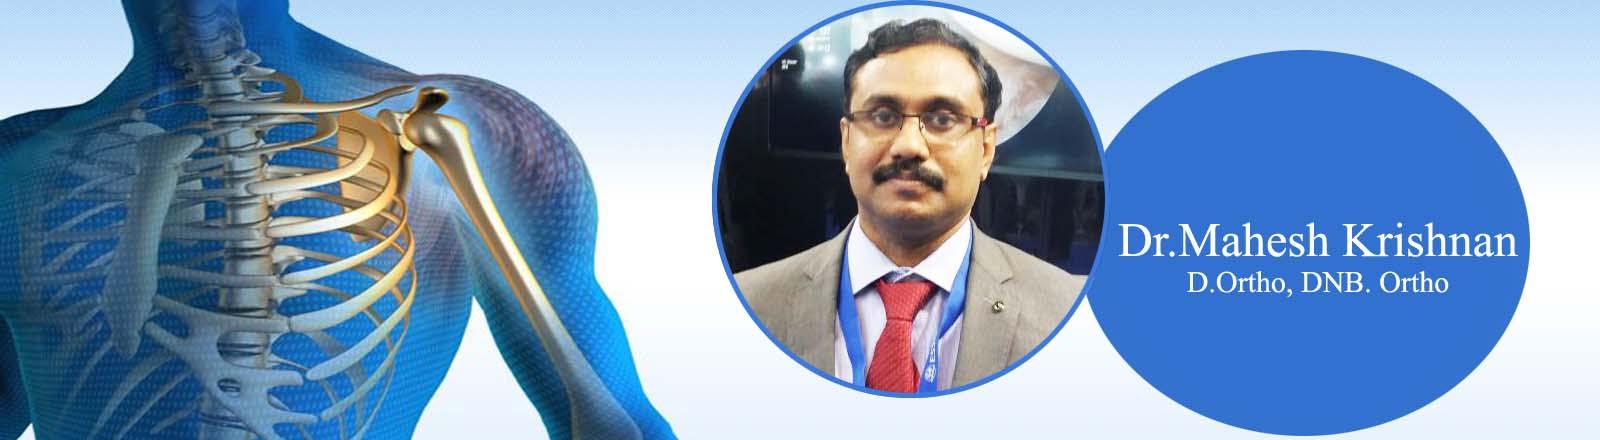 Dr.Mahesh Krishnan